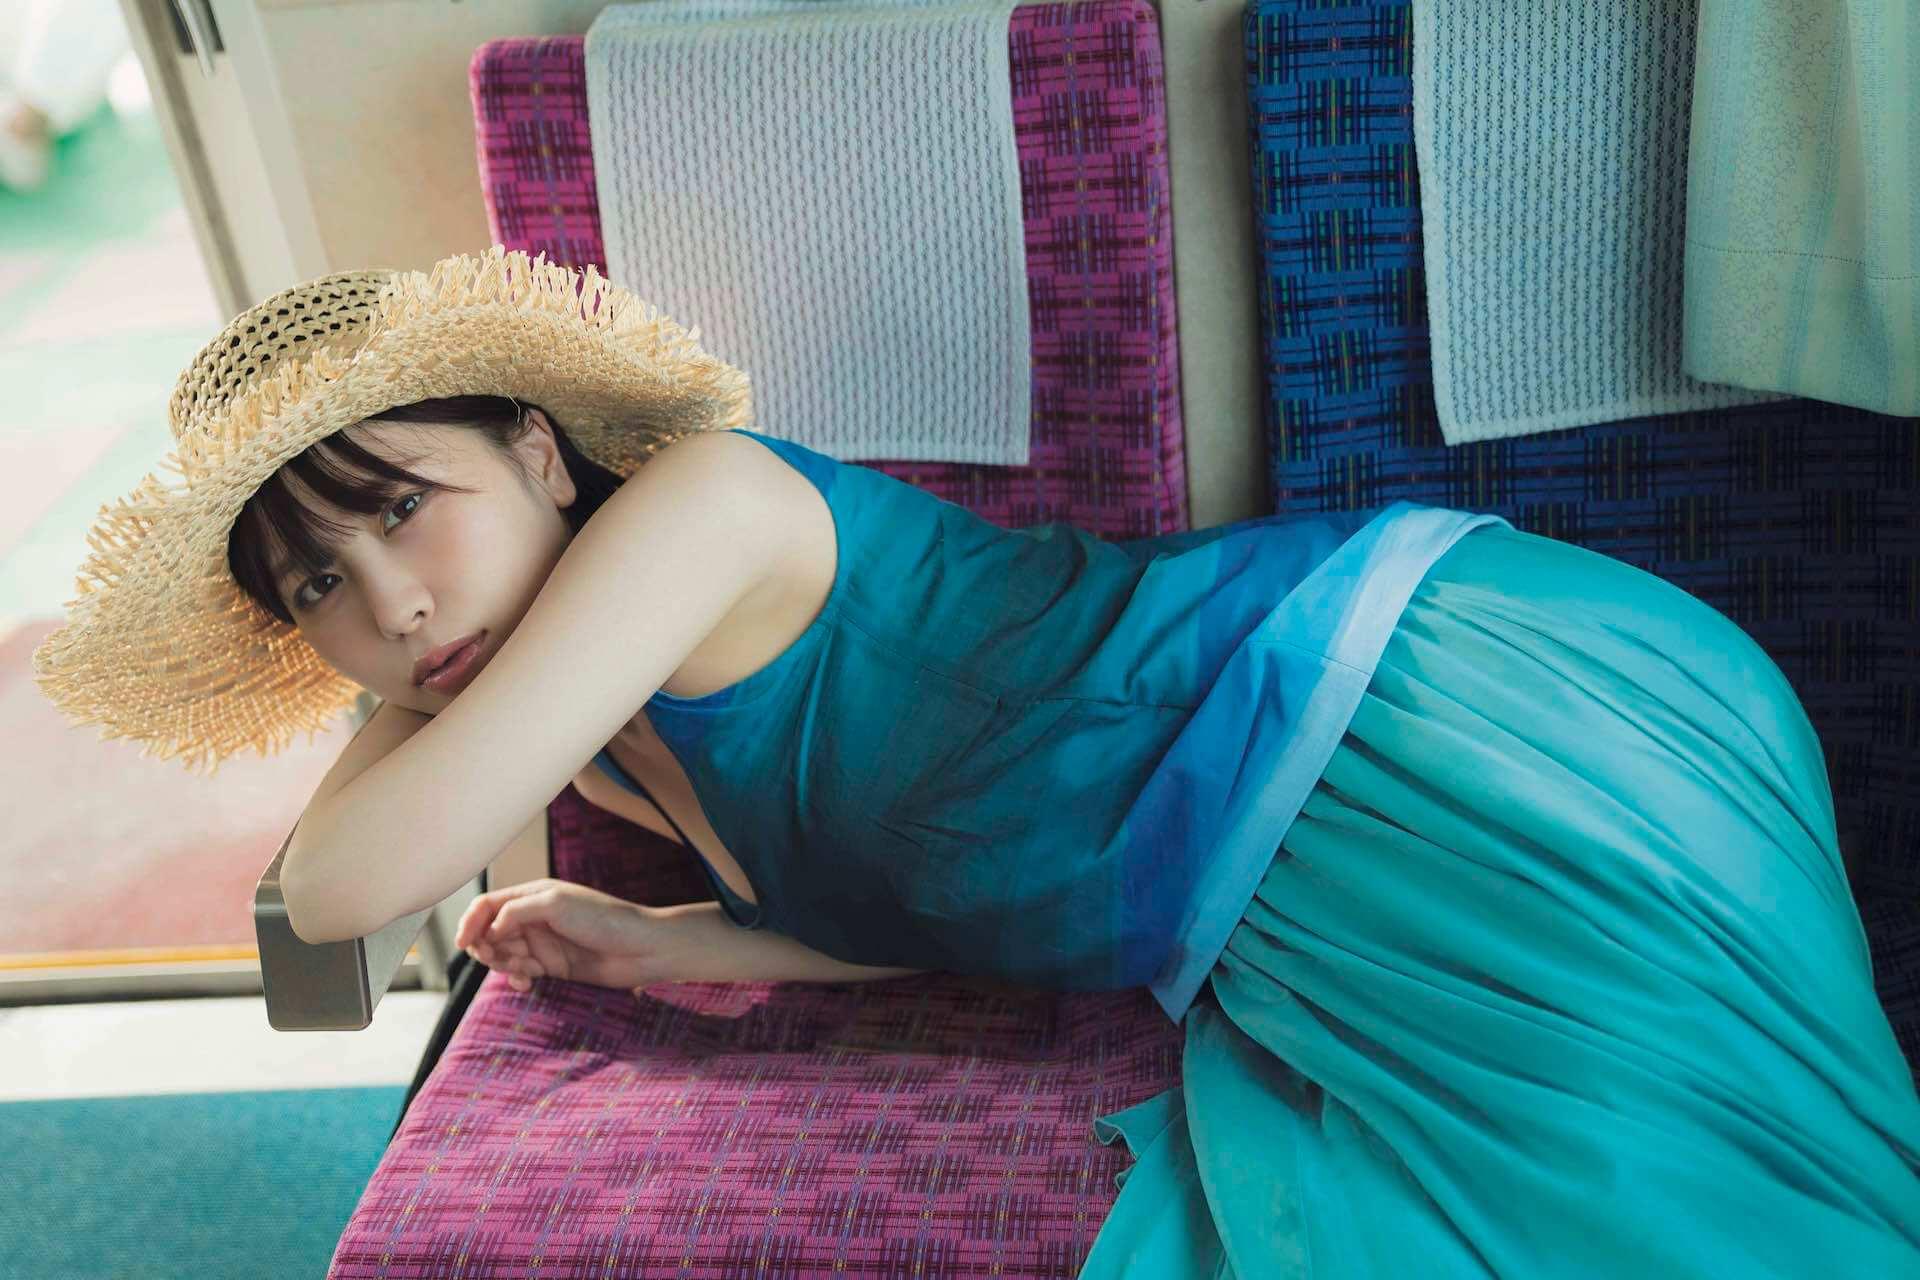 初のランジェリーカットも披露するまねきケチャ・宮内凛の1st写真集が発売決定!透き通ったセクシーボディを披露 art210201_miyauchirin_4